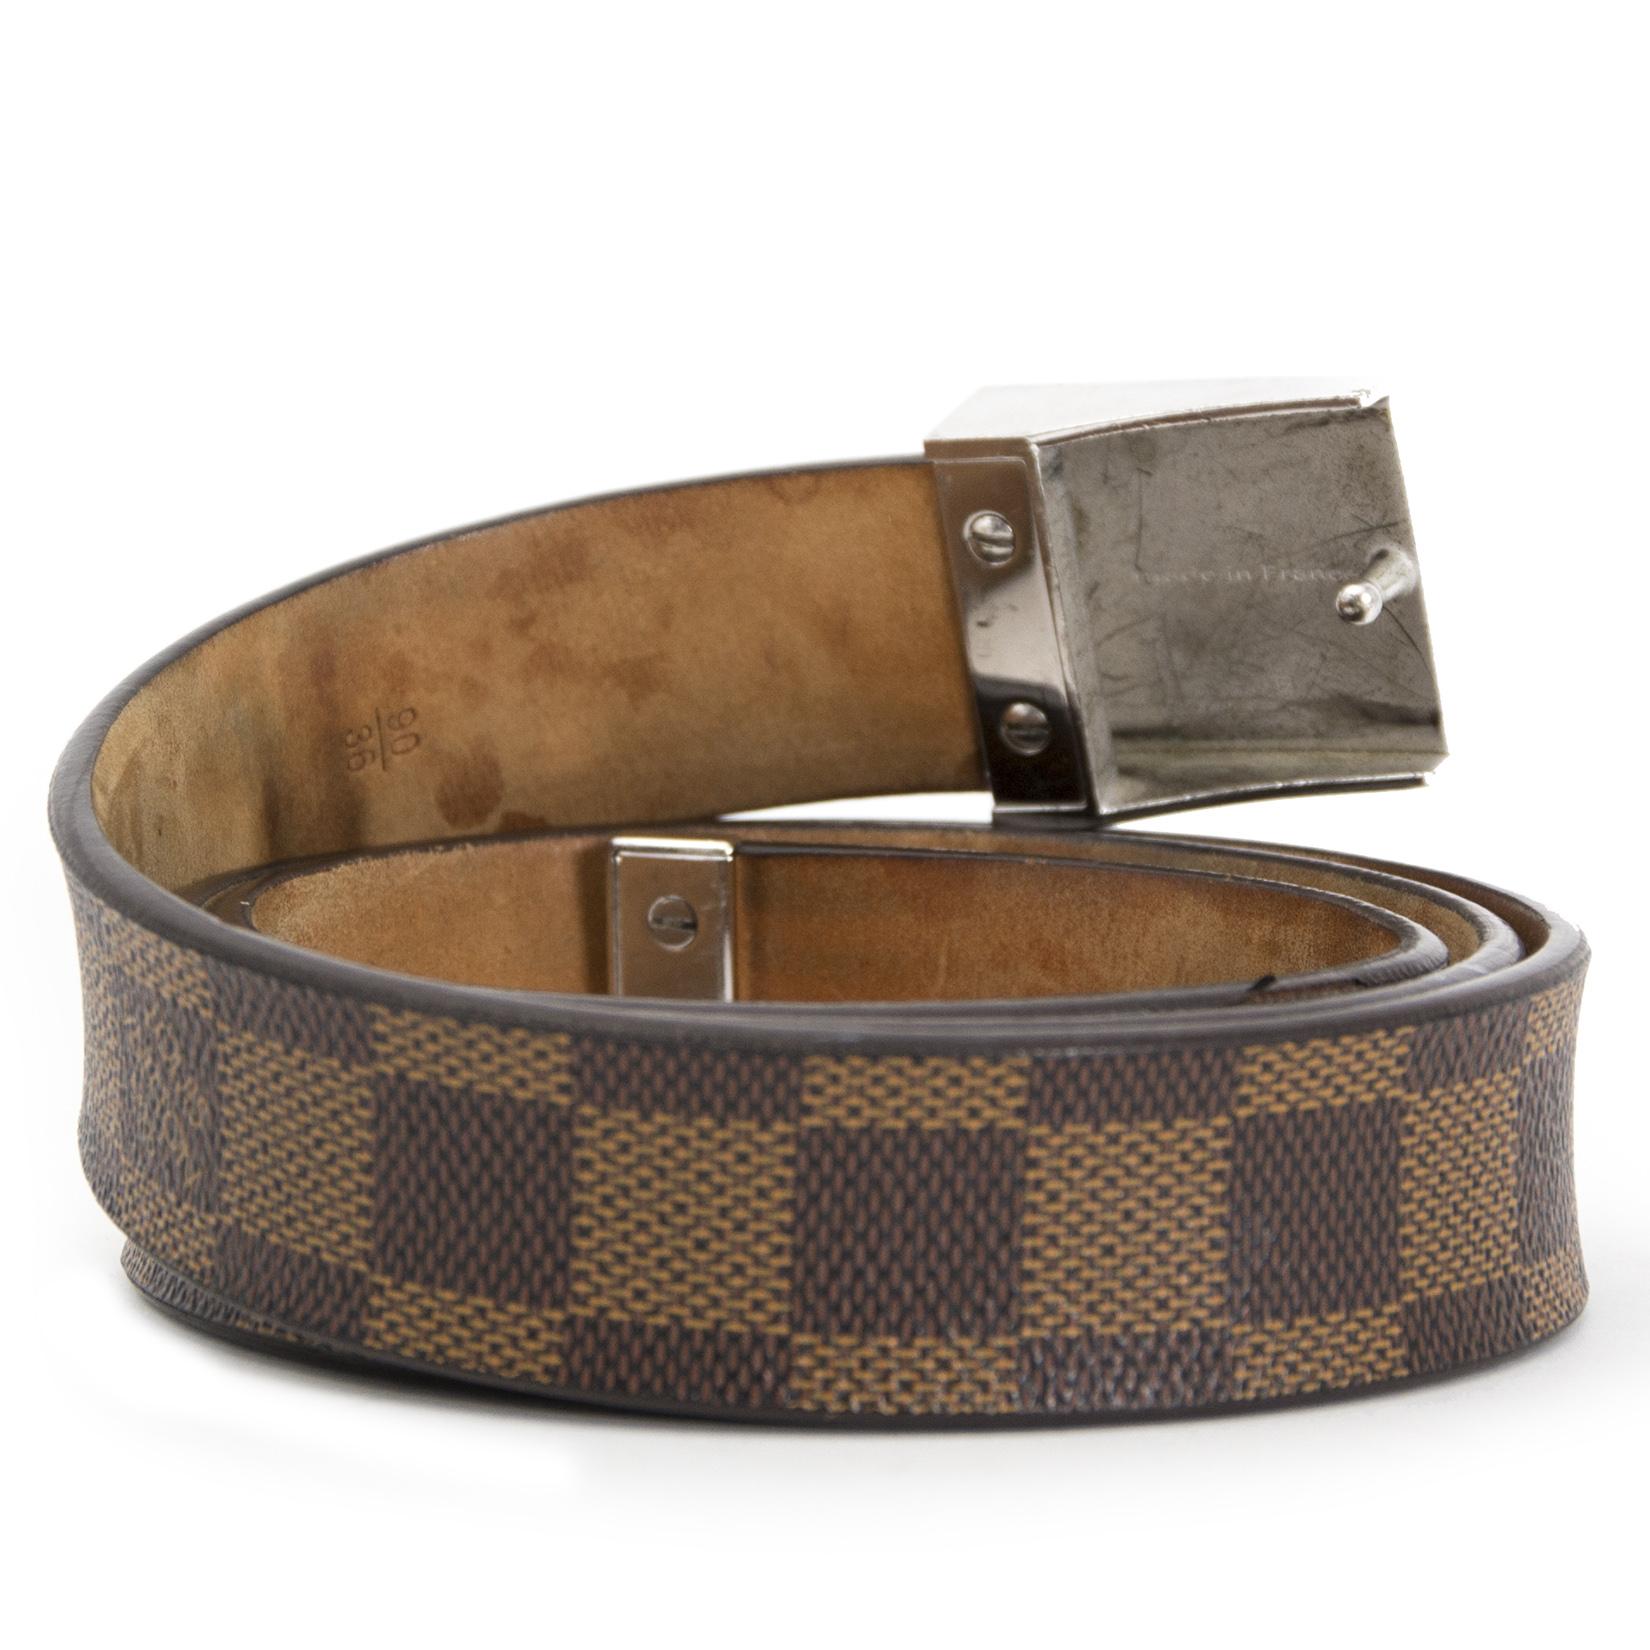 koop veilig online jouw tweedehands Louis Vuitton Damier Belt - size 90